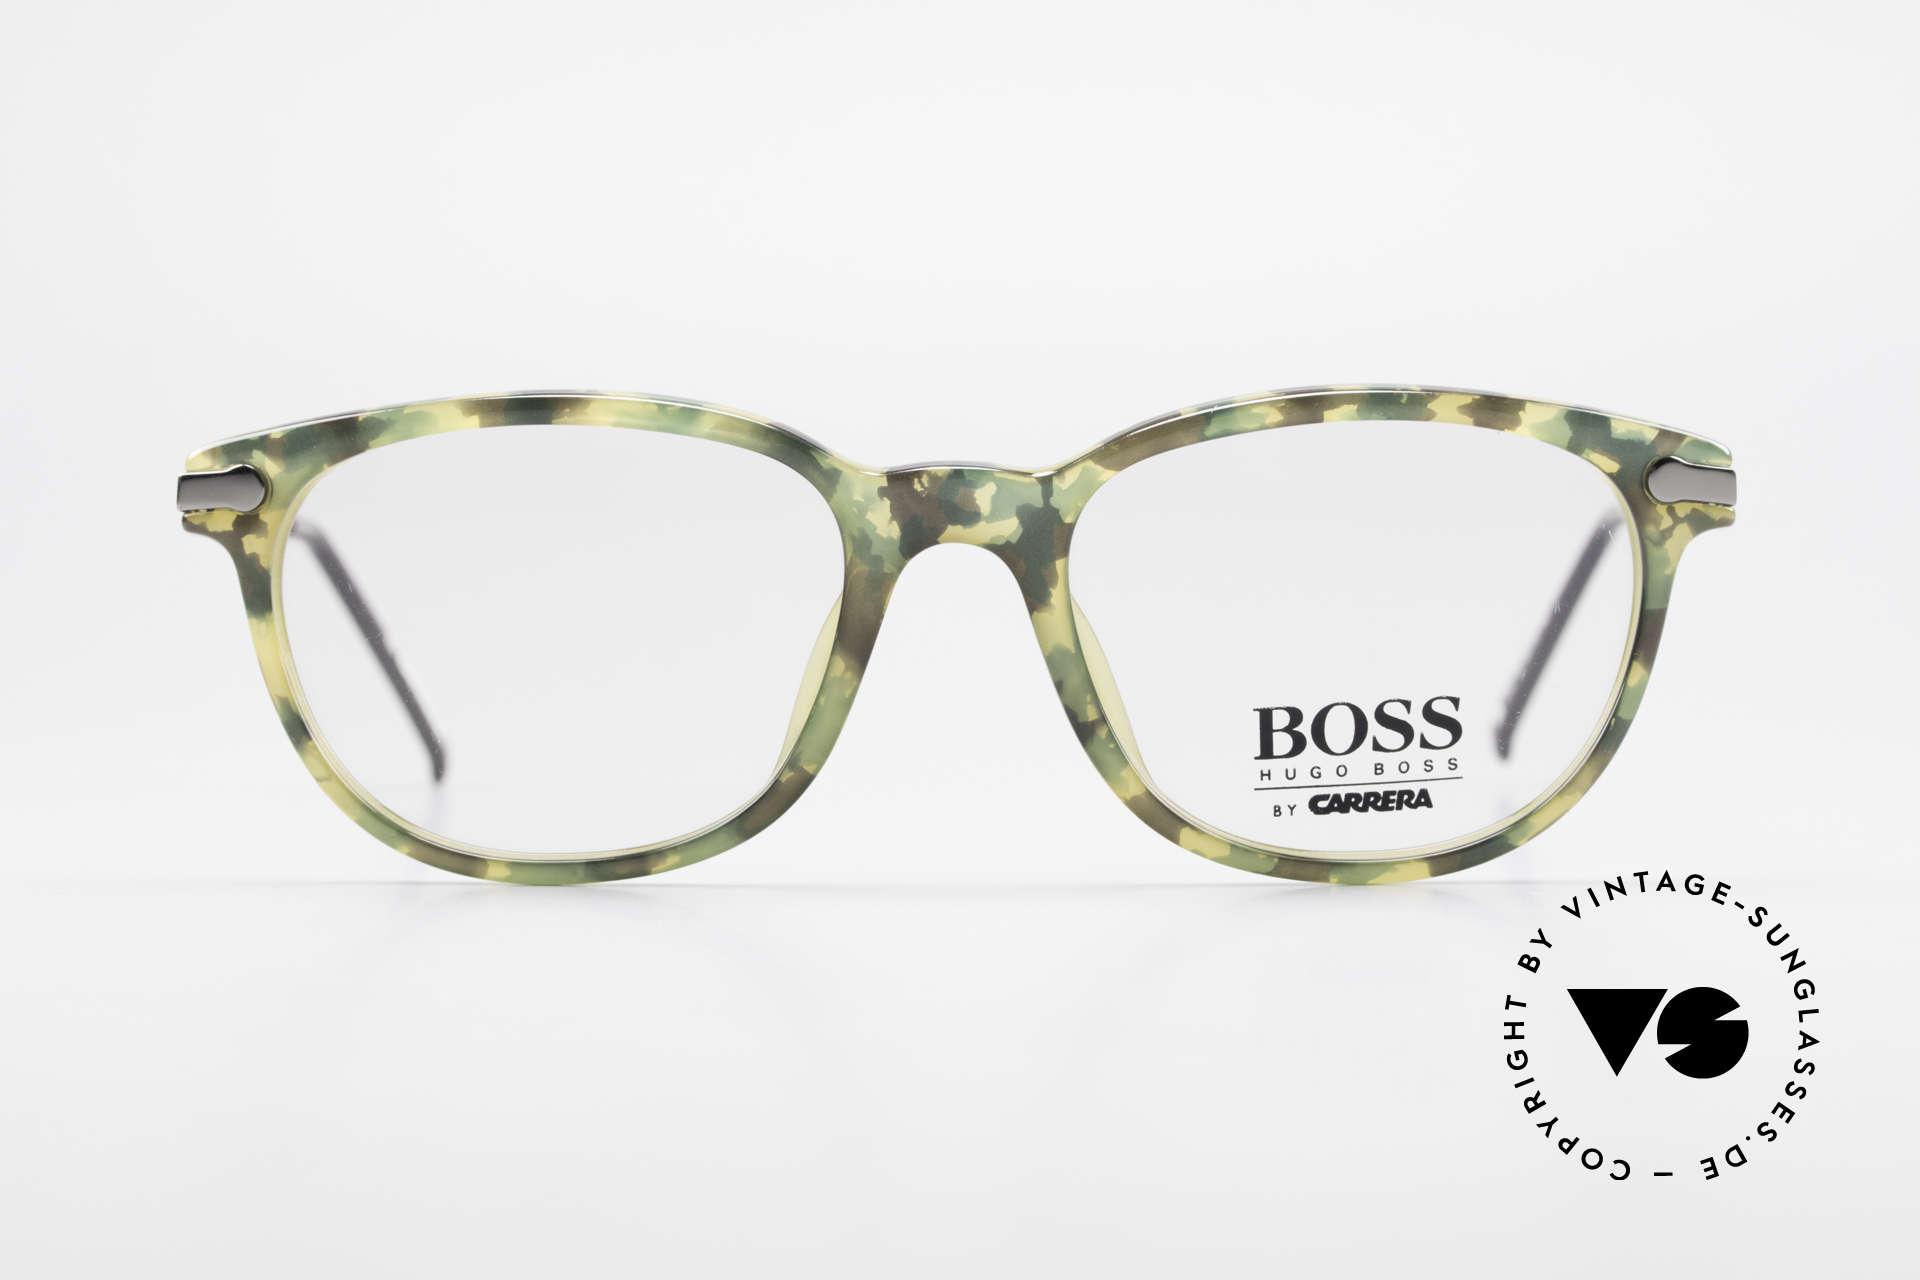 BOSS 5115 Vintage Brille In Tarnfarbe, Kooperation von Boss & Carrera in den 90er Jahren, Passend für Herren